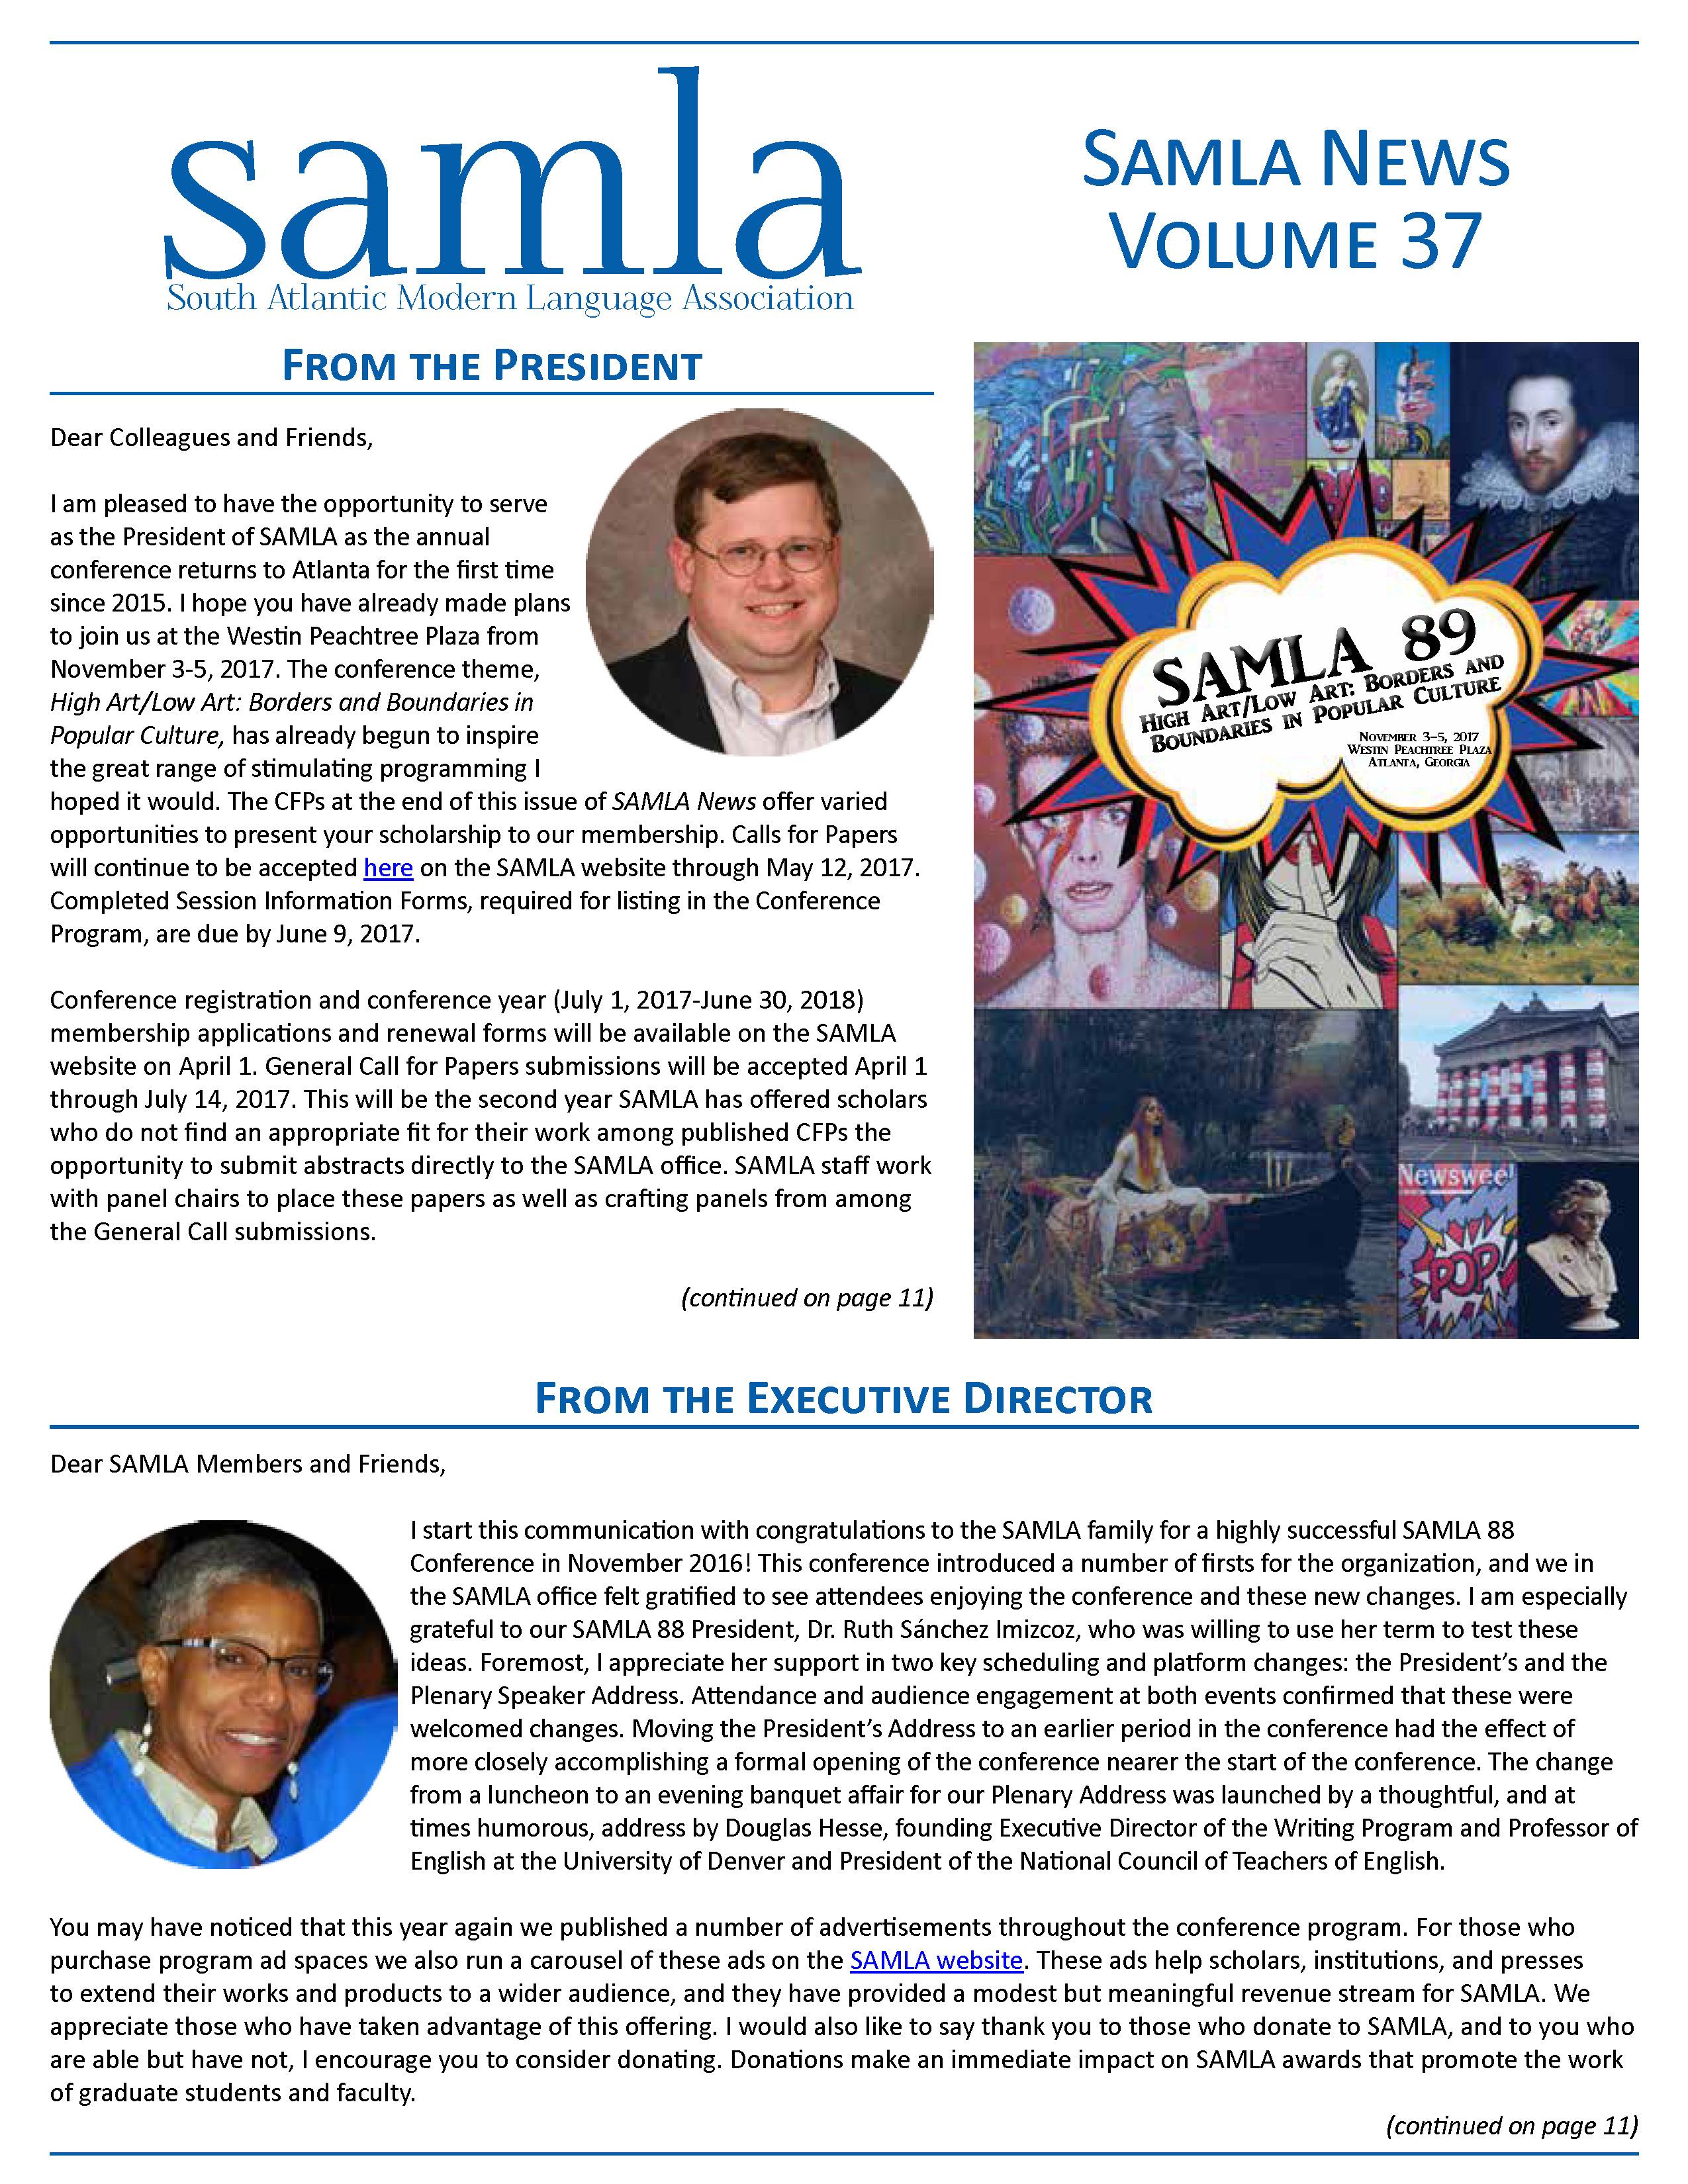 cover of SAMLA News 37